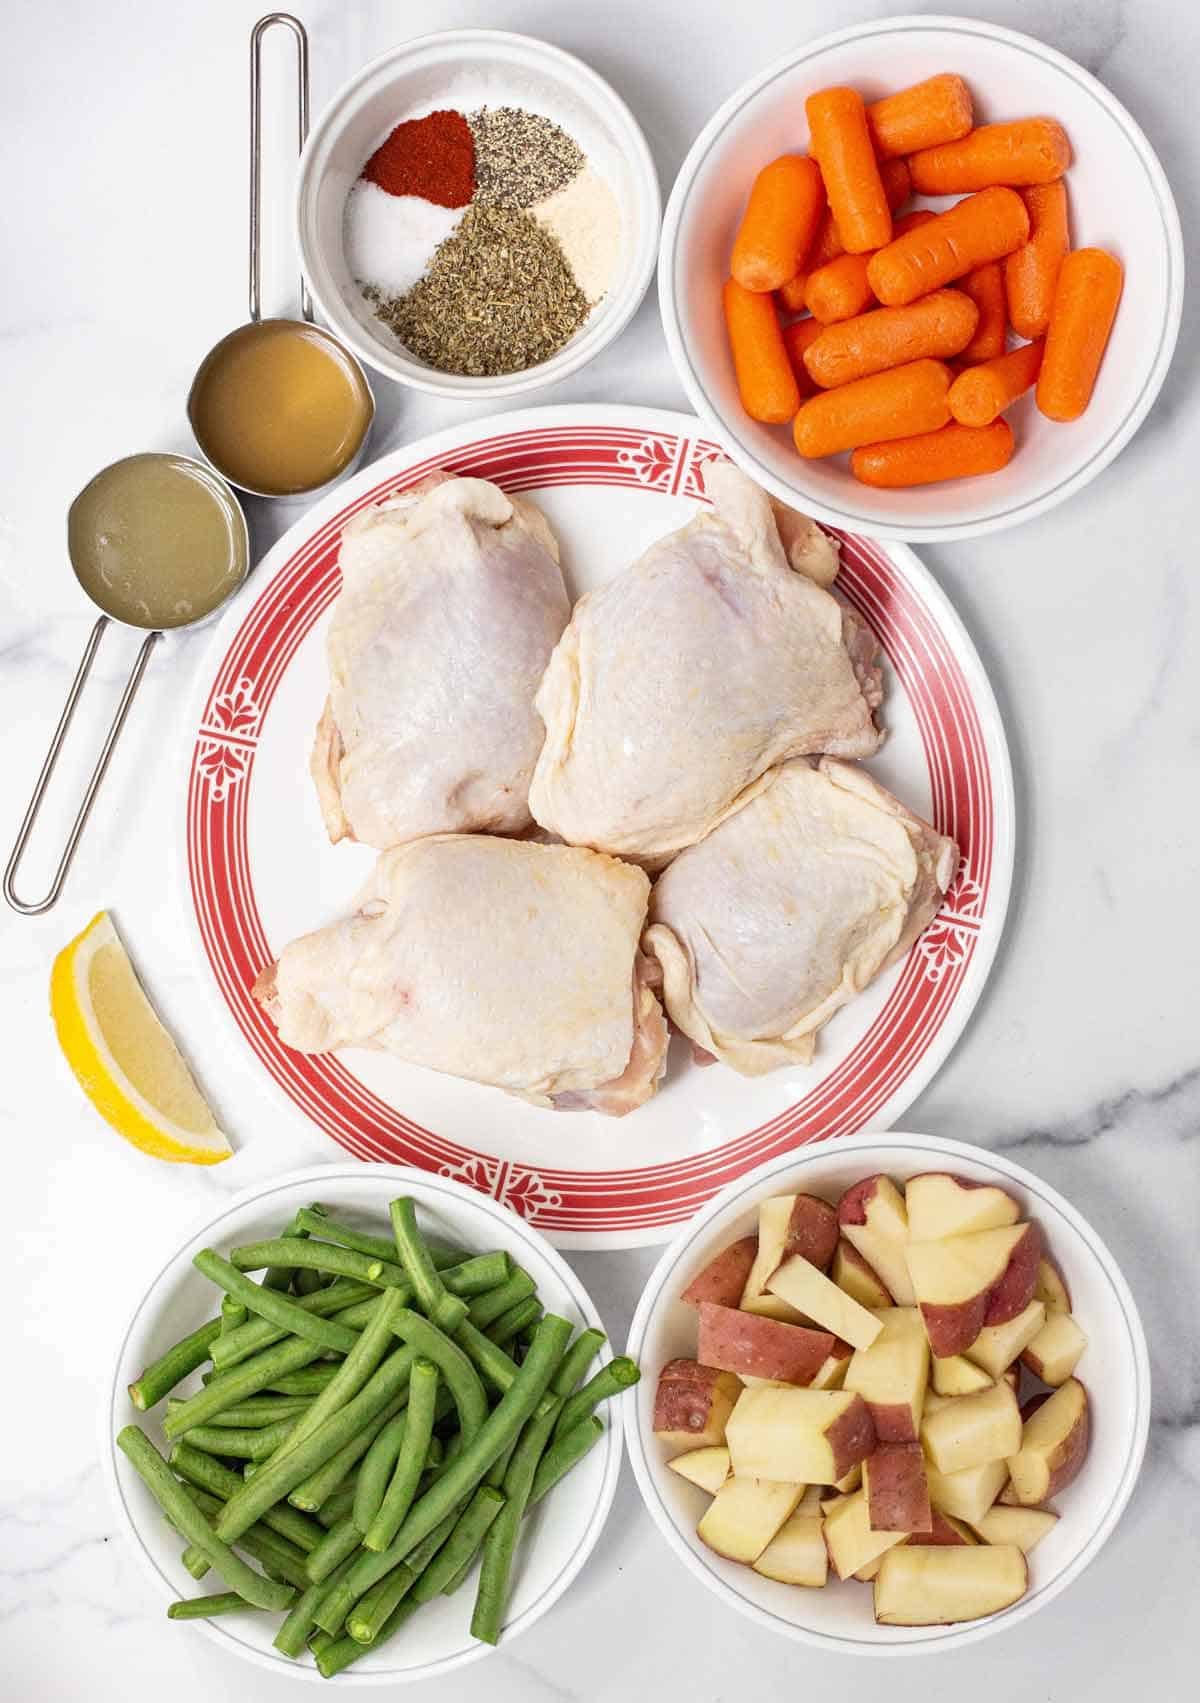 Slow Cooker Chicken and Veggies Ingredients.